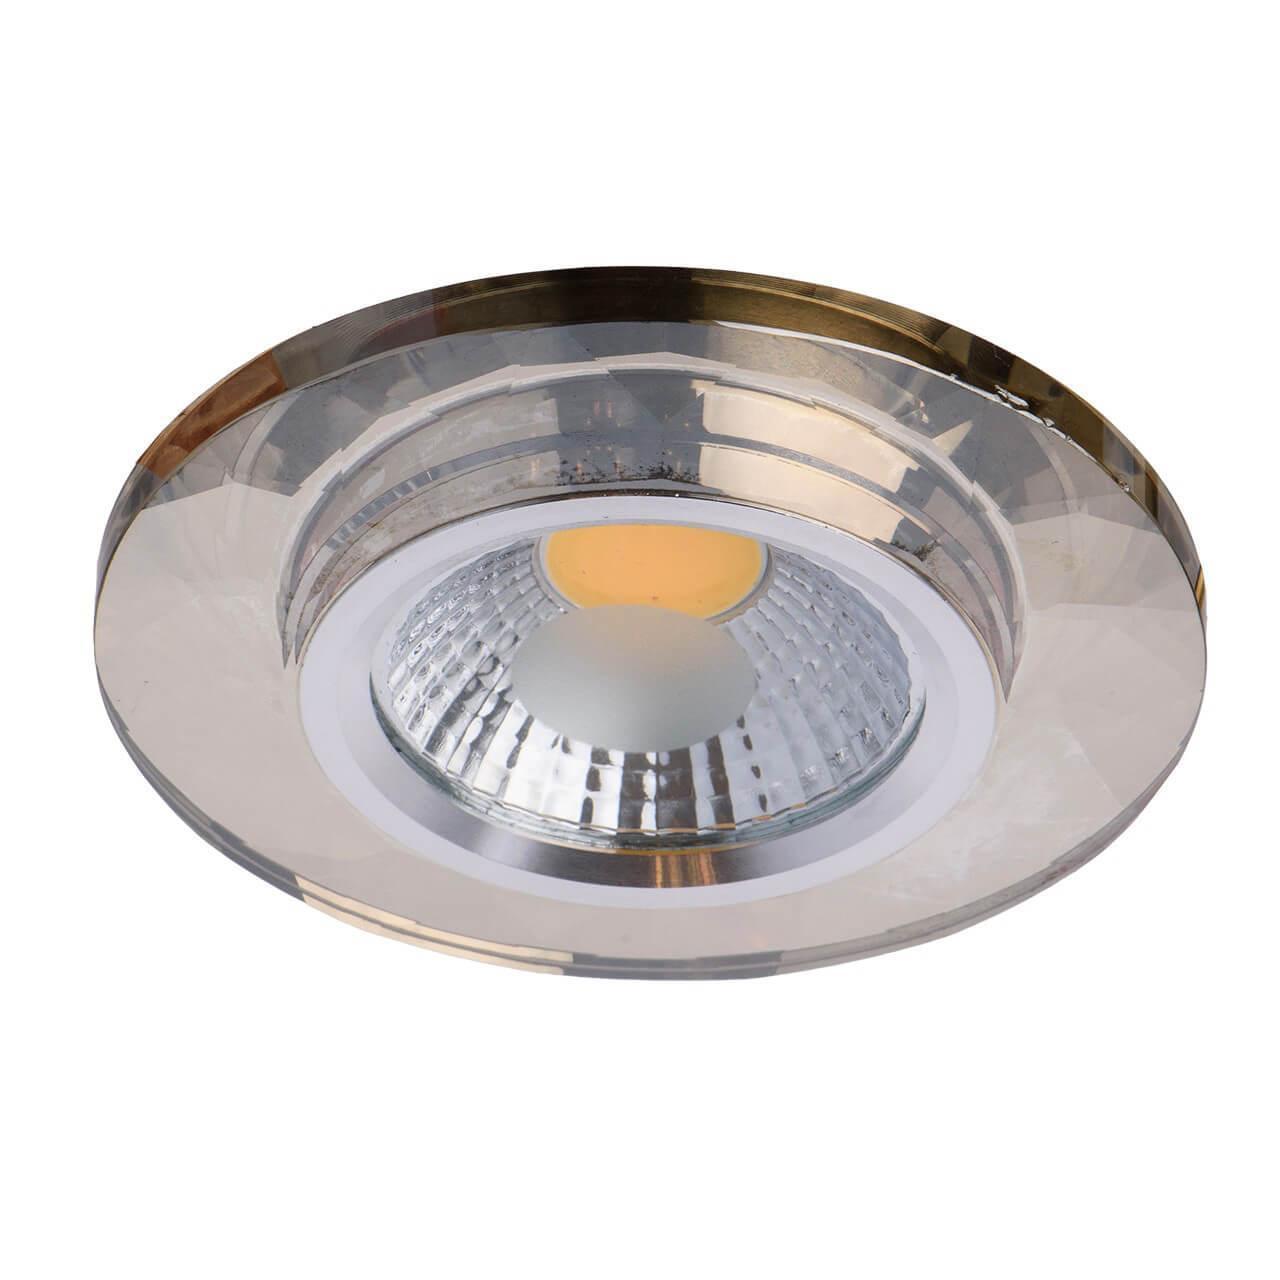 Встраиваемый светильник De Markt 637014701, коричневый беспроводной светильник mr beams mb860 task light коричневый